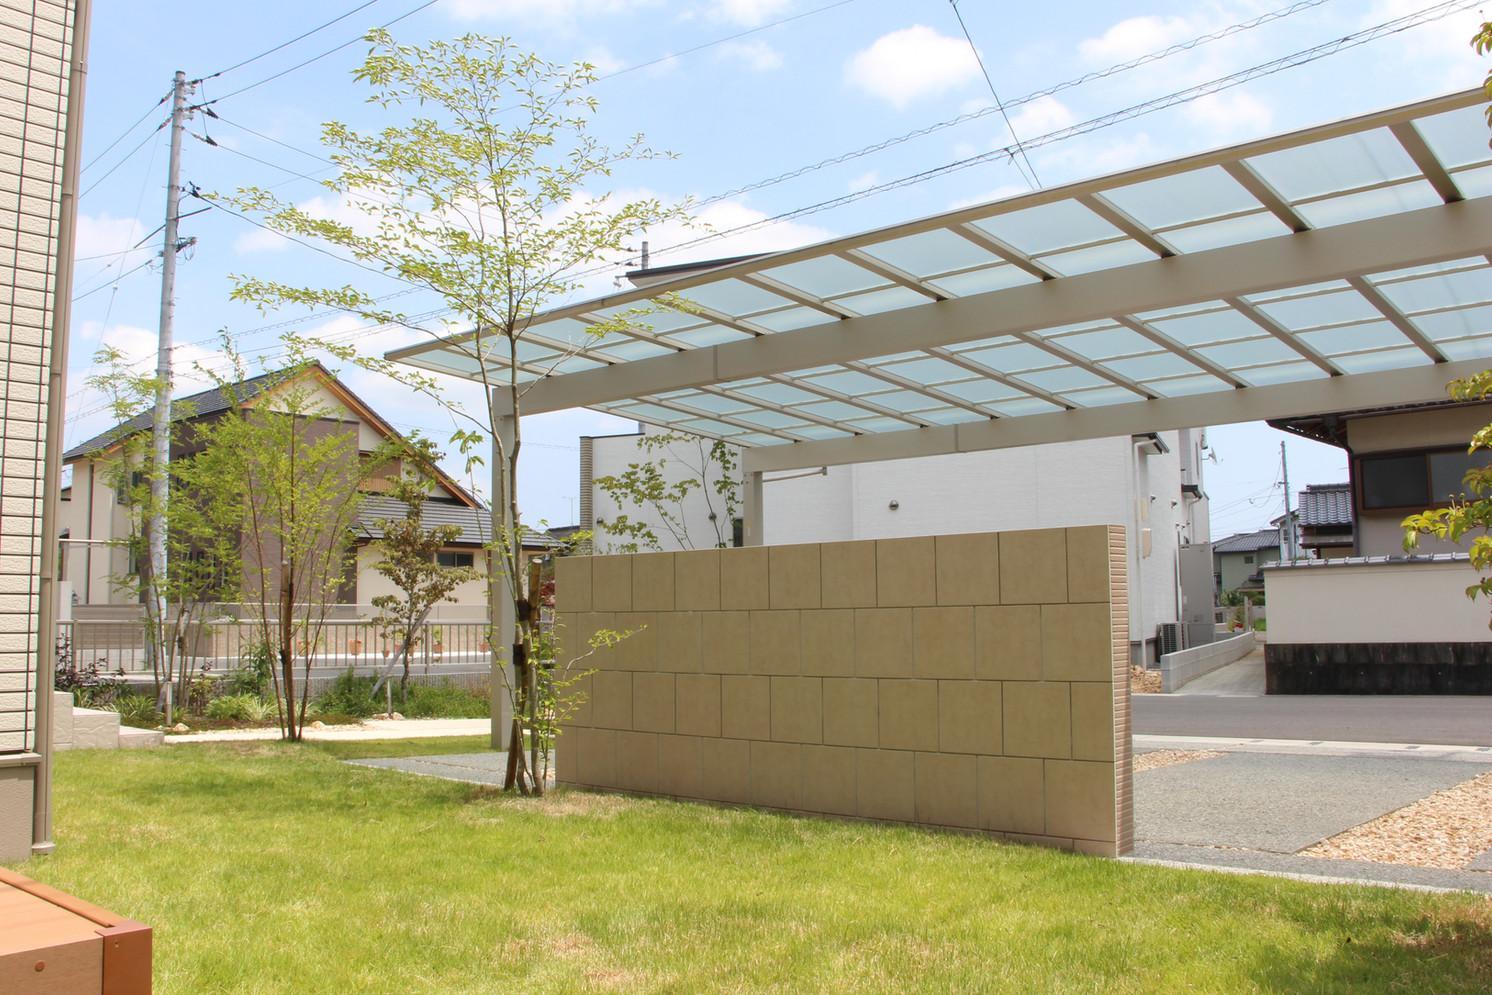 場を仕切る|ガーデン&エクステリア工事